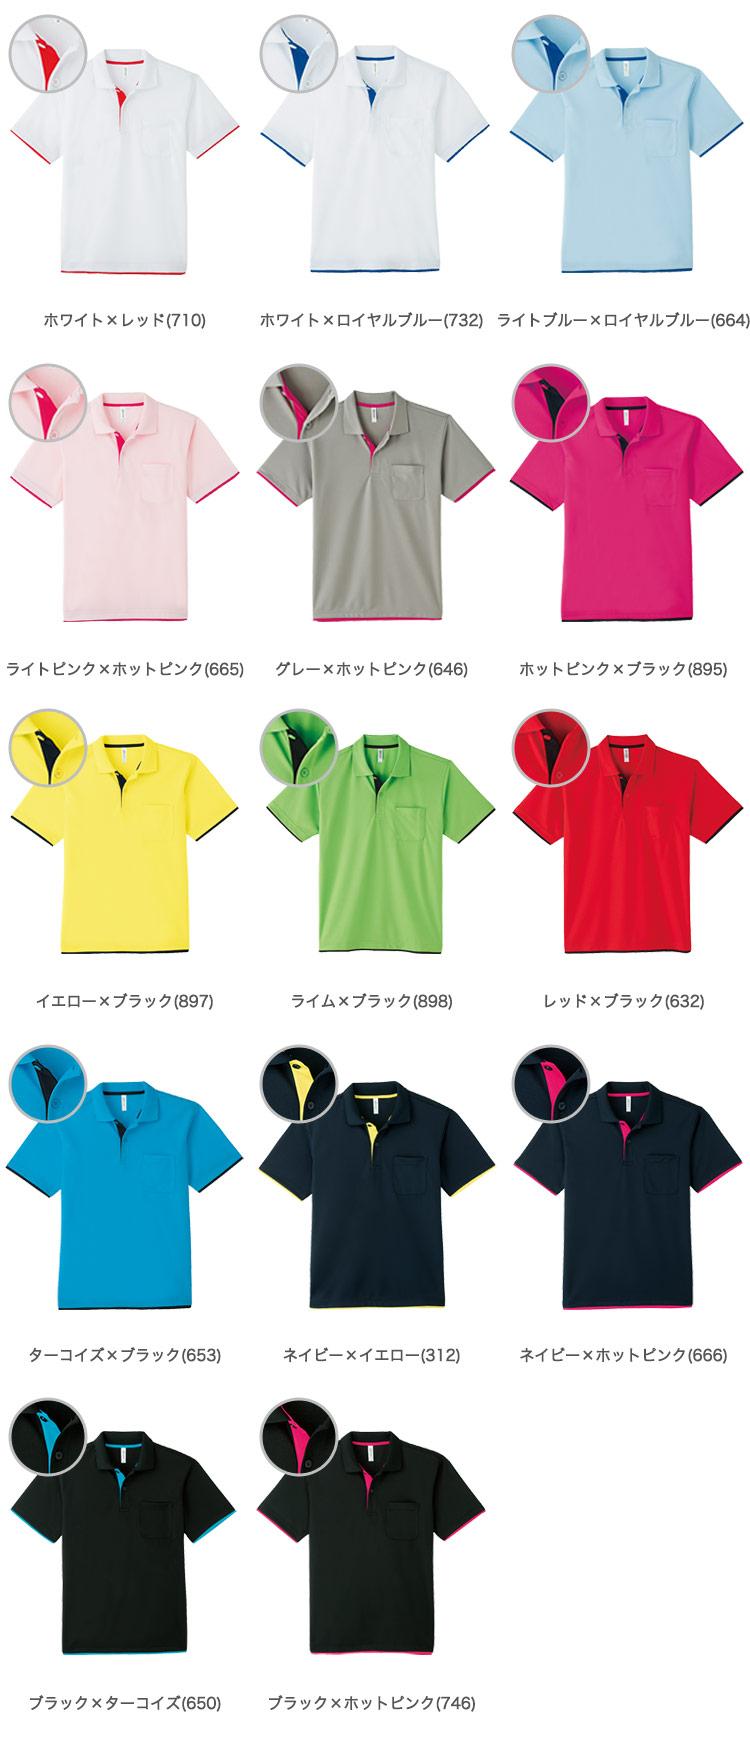 ドライレイヤードポロシャツ(41-00339AYP)のカラーバリエーション